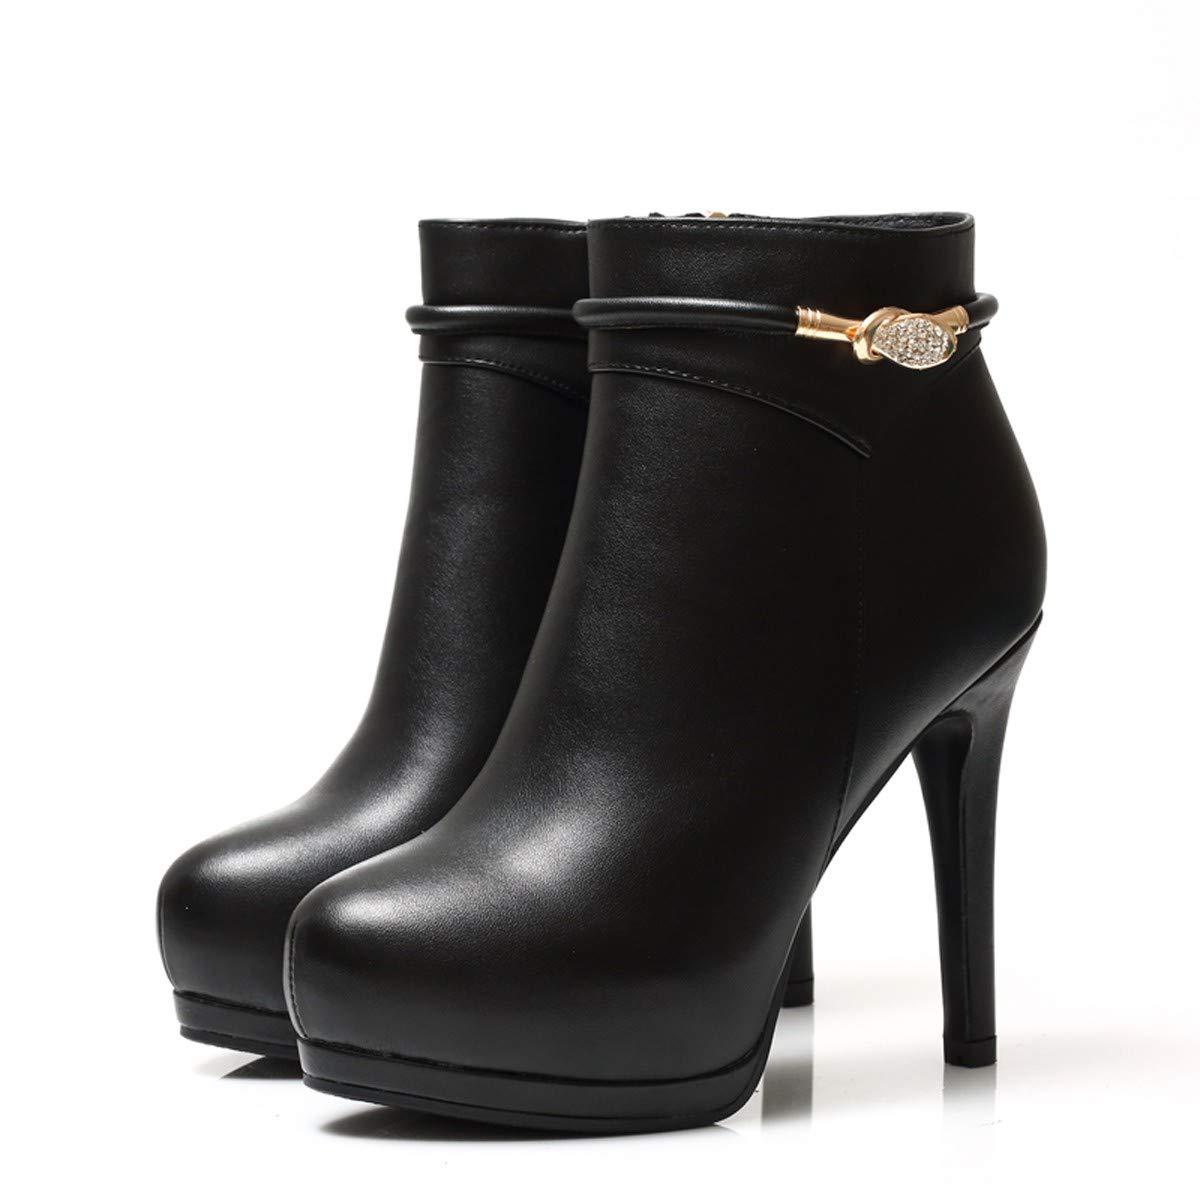 LBTSQ-Schuhe SAMT Wasserdicht 10Cm Sexy Modisch Shorts Martin Stiefel Runden Kopf High Heels High Heels